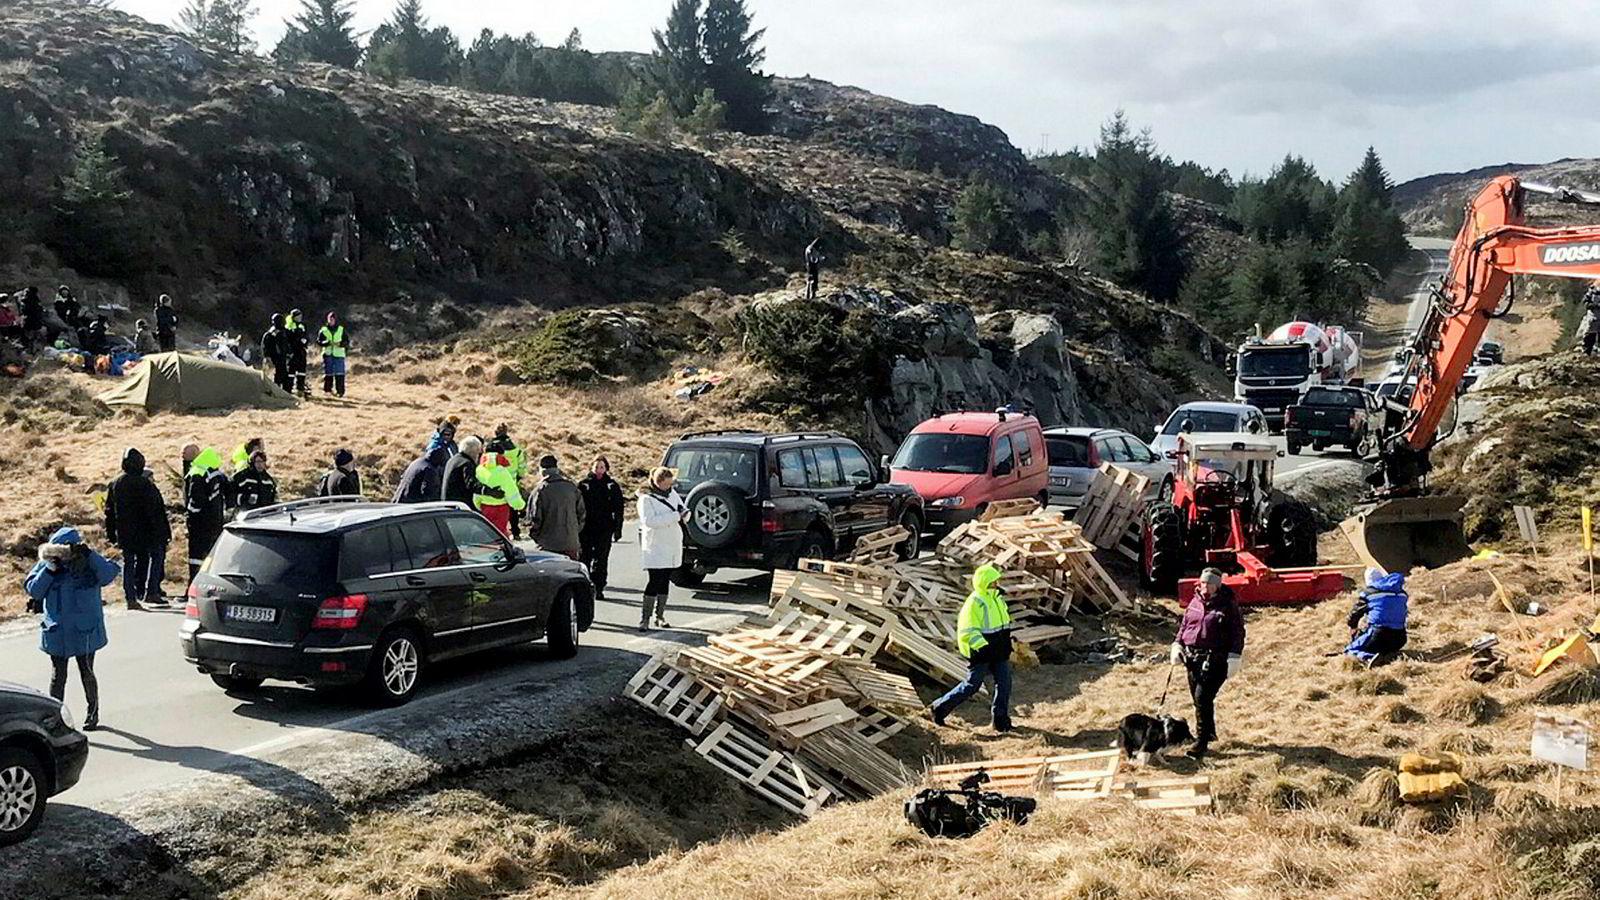 Vindkraftmotstandere har skapt utfordringer for Trønderenergis arbeid på Frøya.